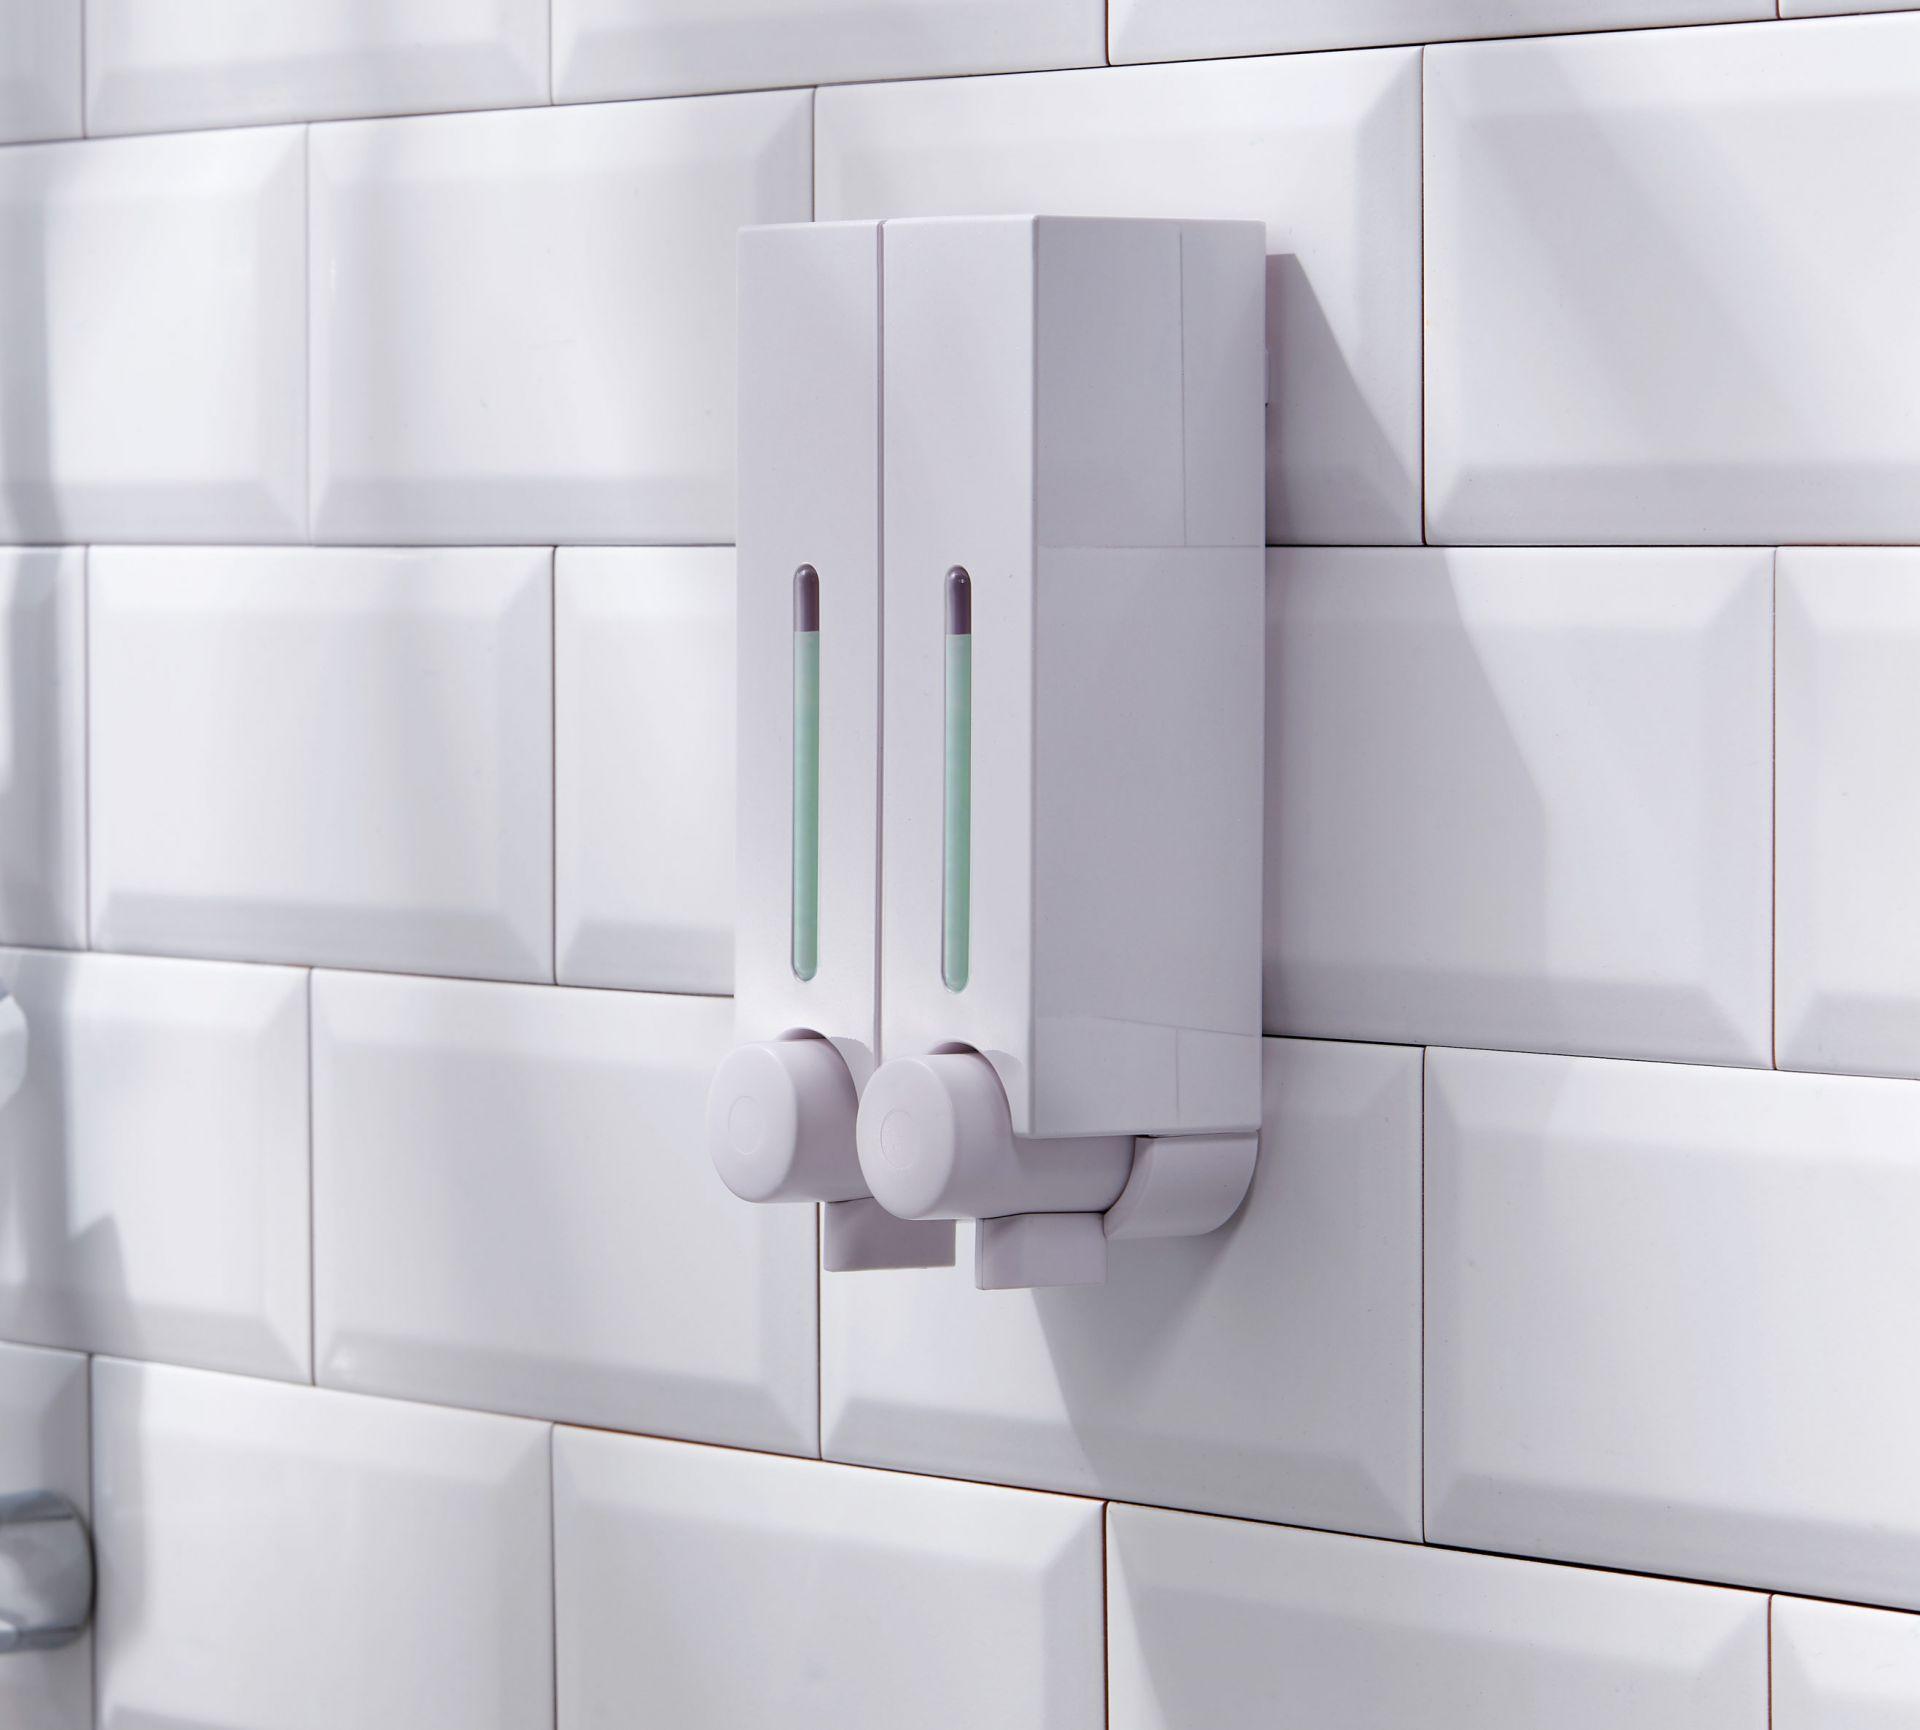 小さな壁掛け式洗濯用品ソープディスペンサー